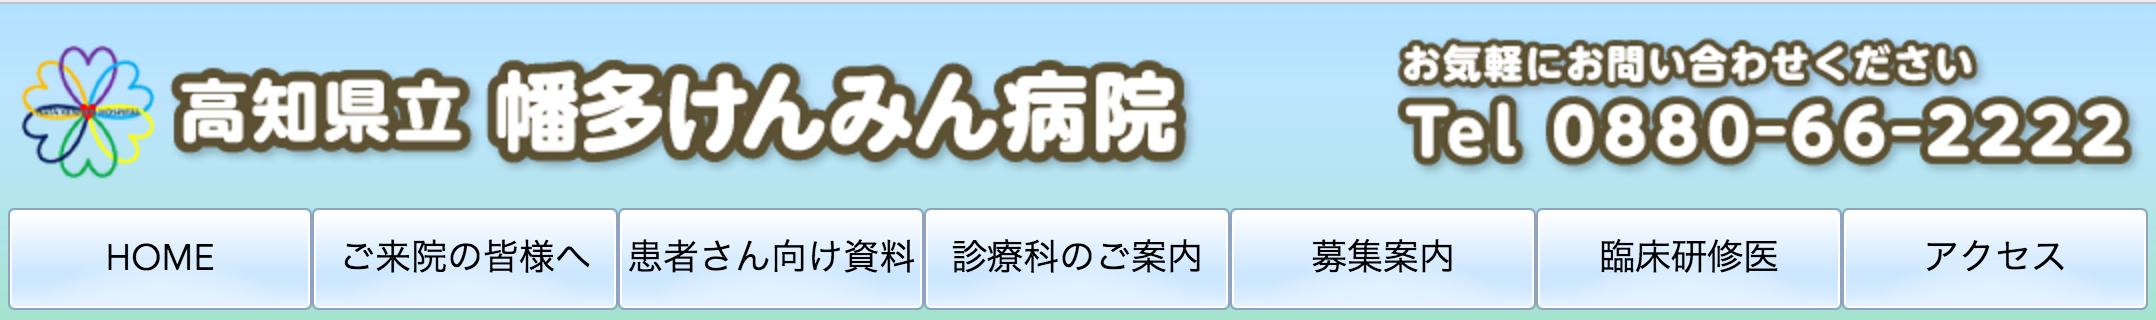 高知県立幡多けんみん病院